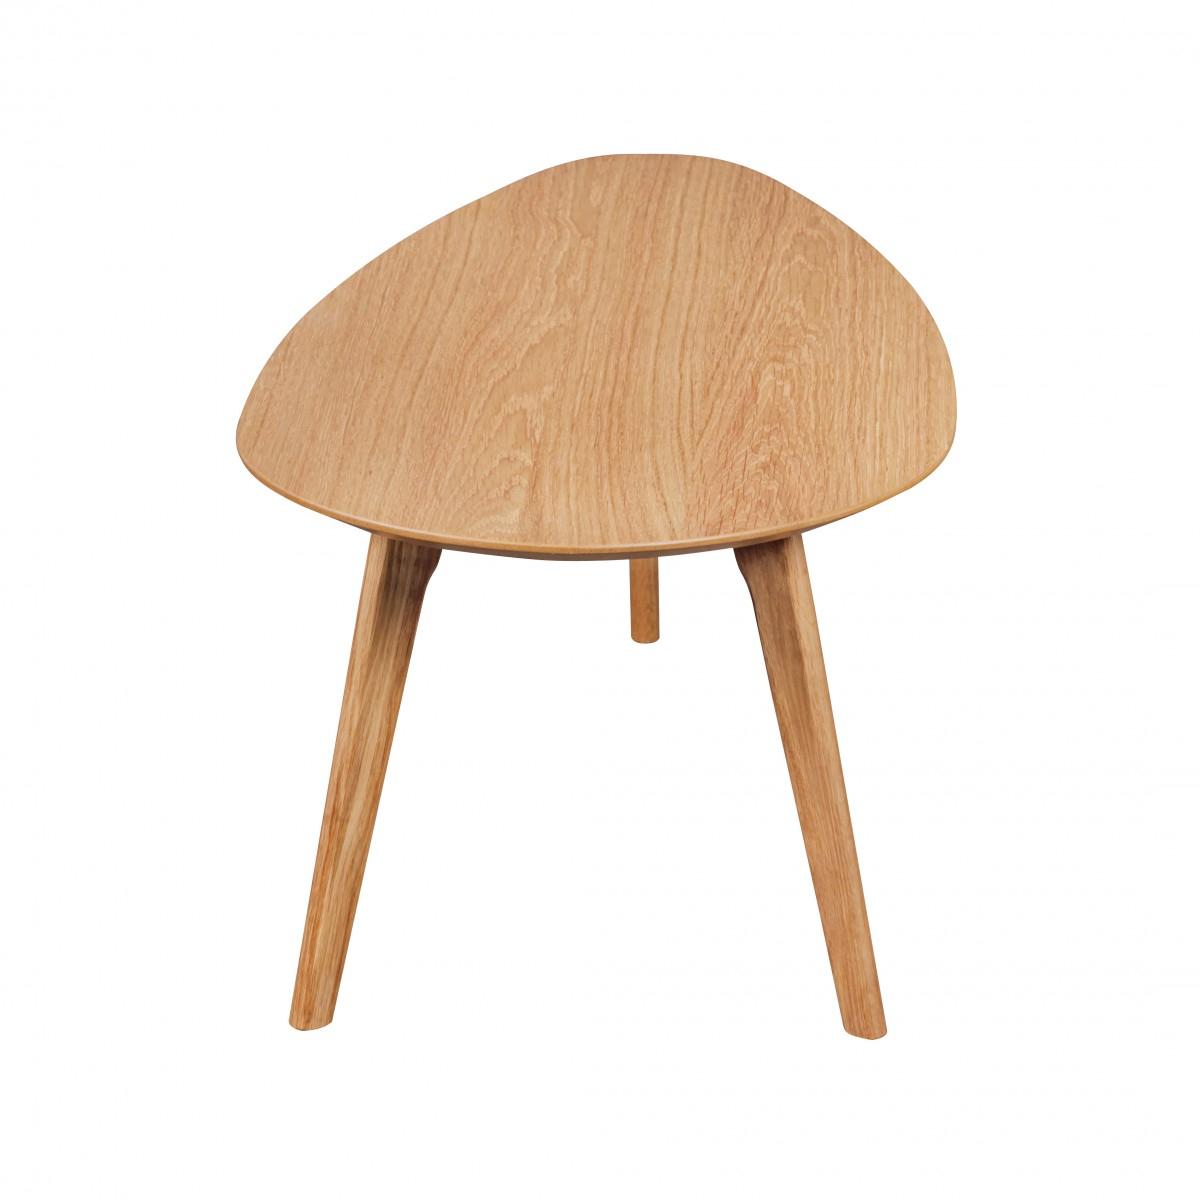 Wohnzimmertisch Holz 2 teilig Beistelltisch Set Satztisch